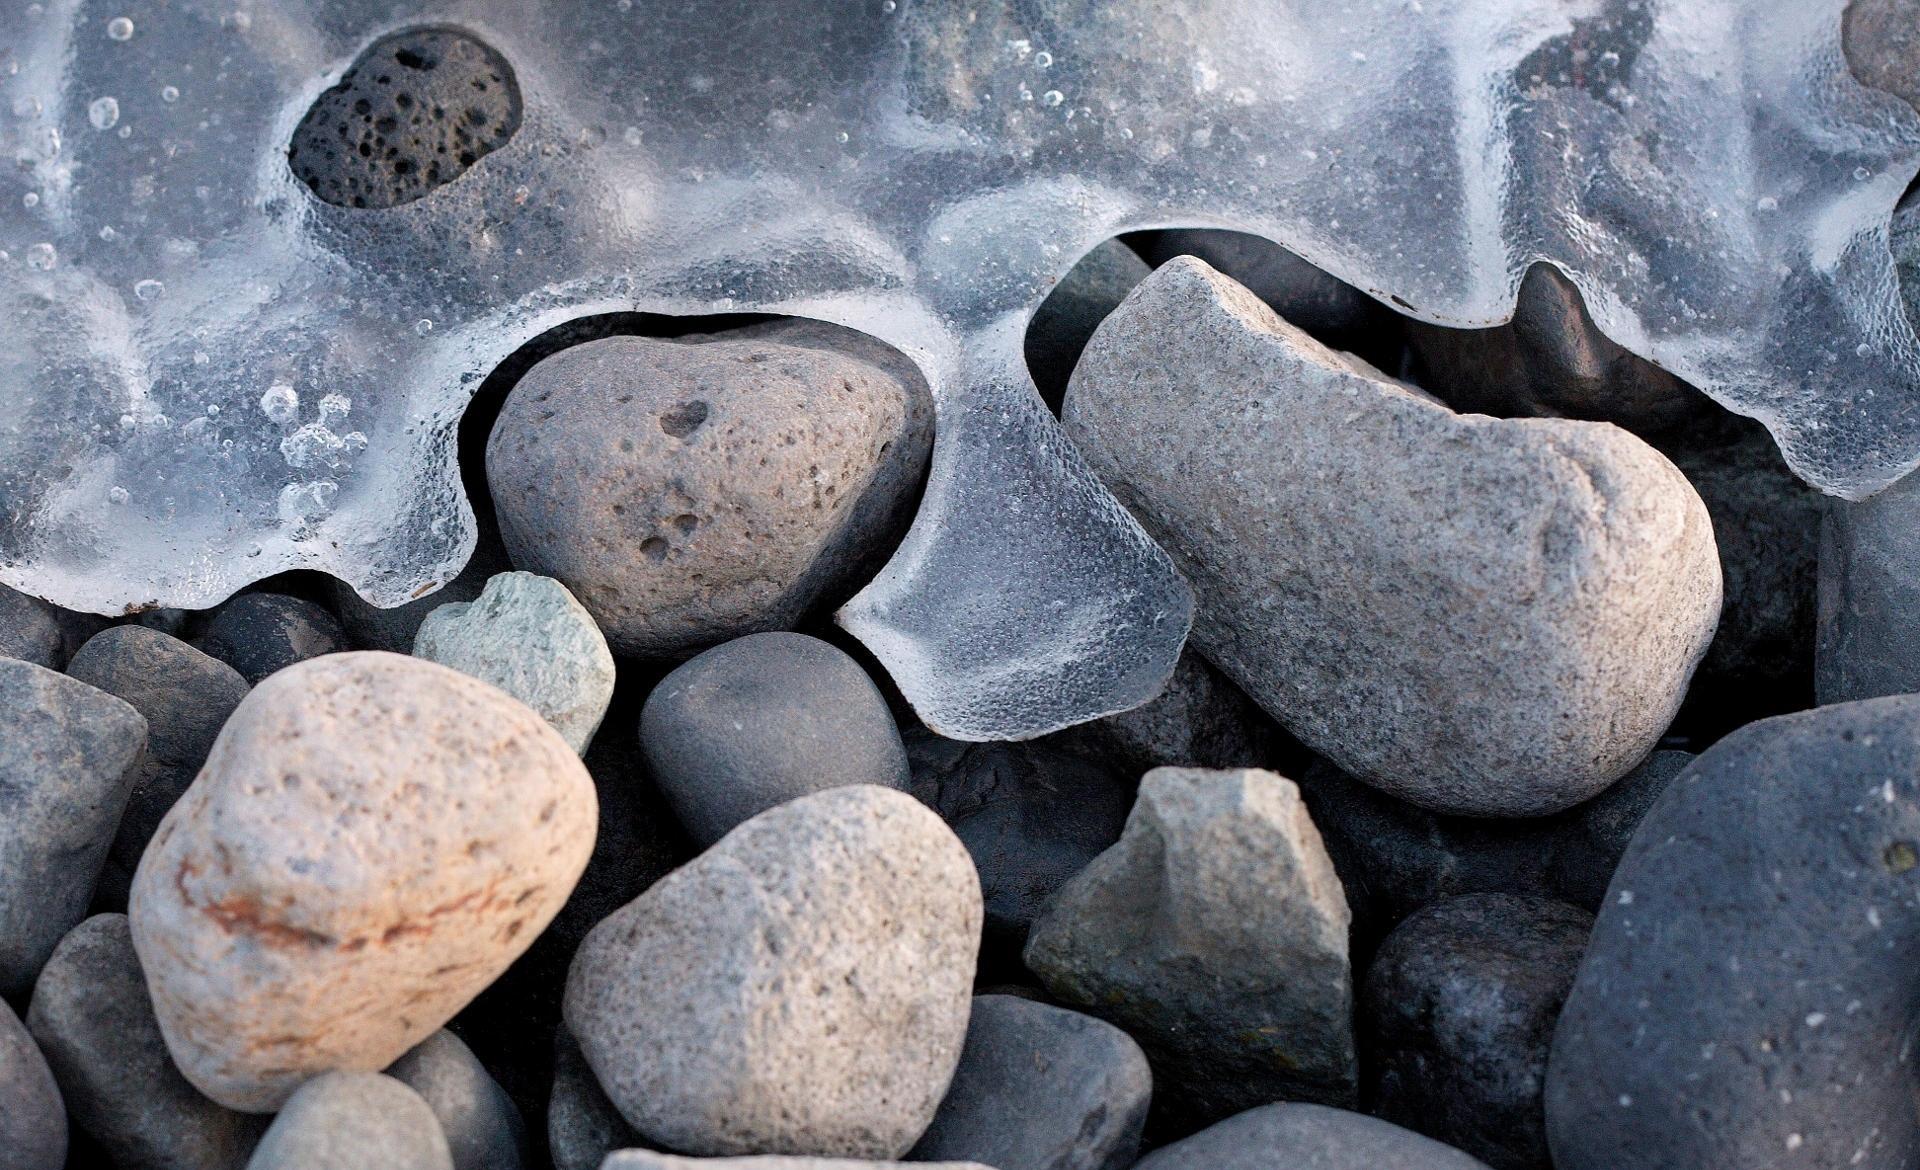 stone wallpaper frozen